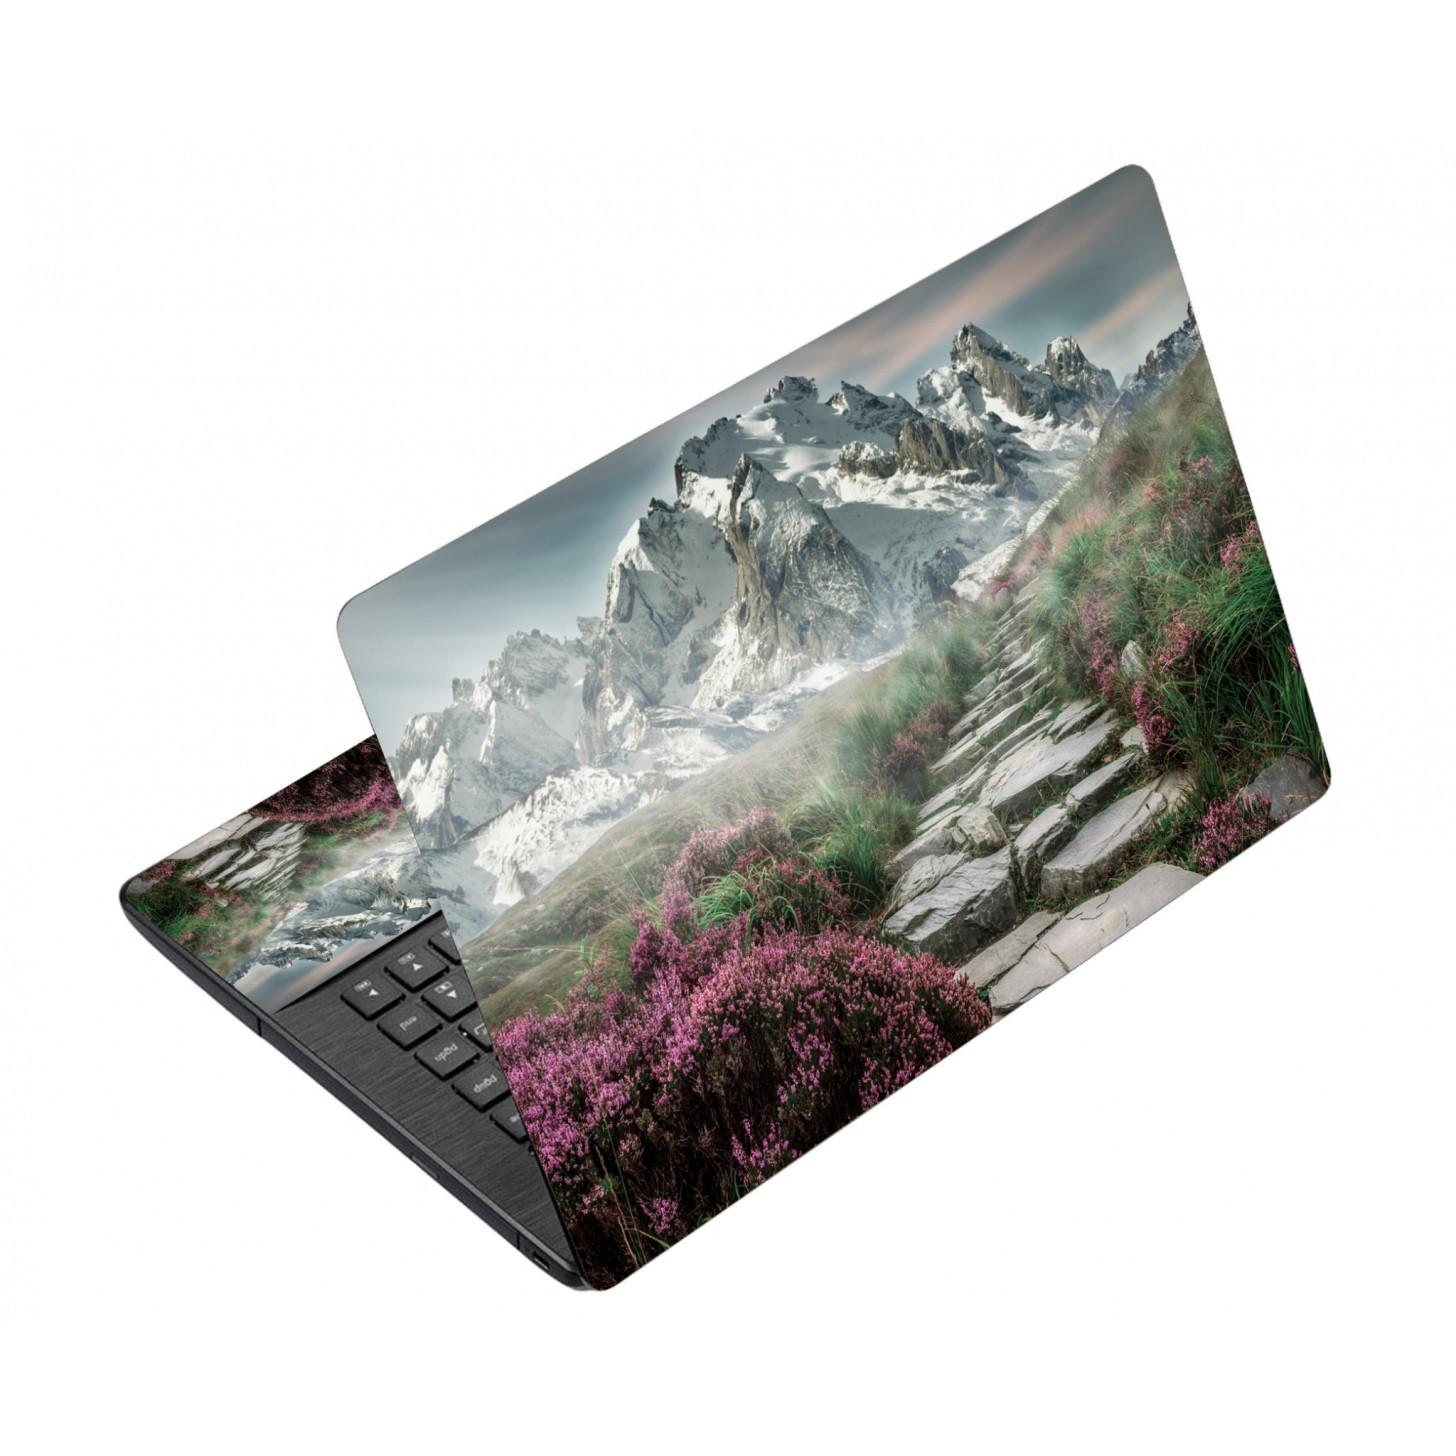 Miếng Dán Decal Dành Cho Laptop - Thiên Nhiên LTTN-44 cỡ 13 inch